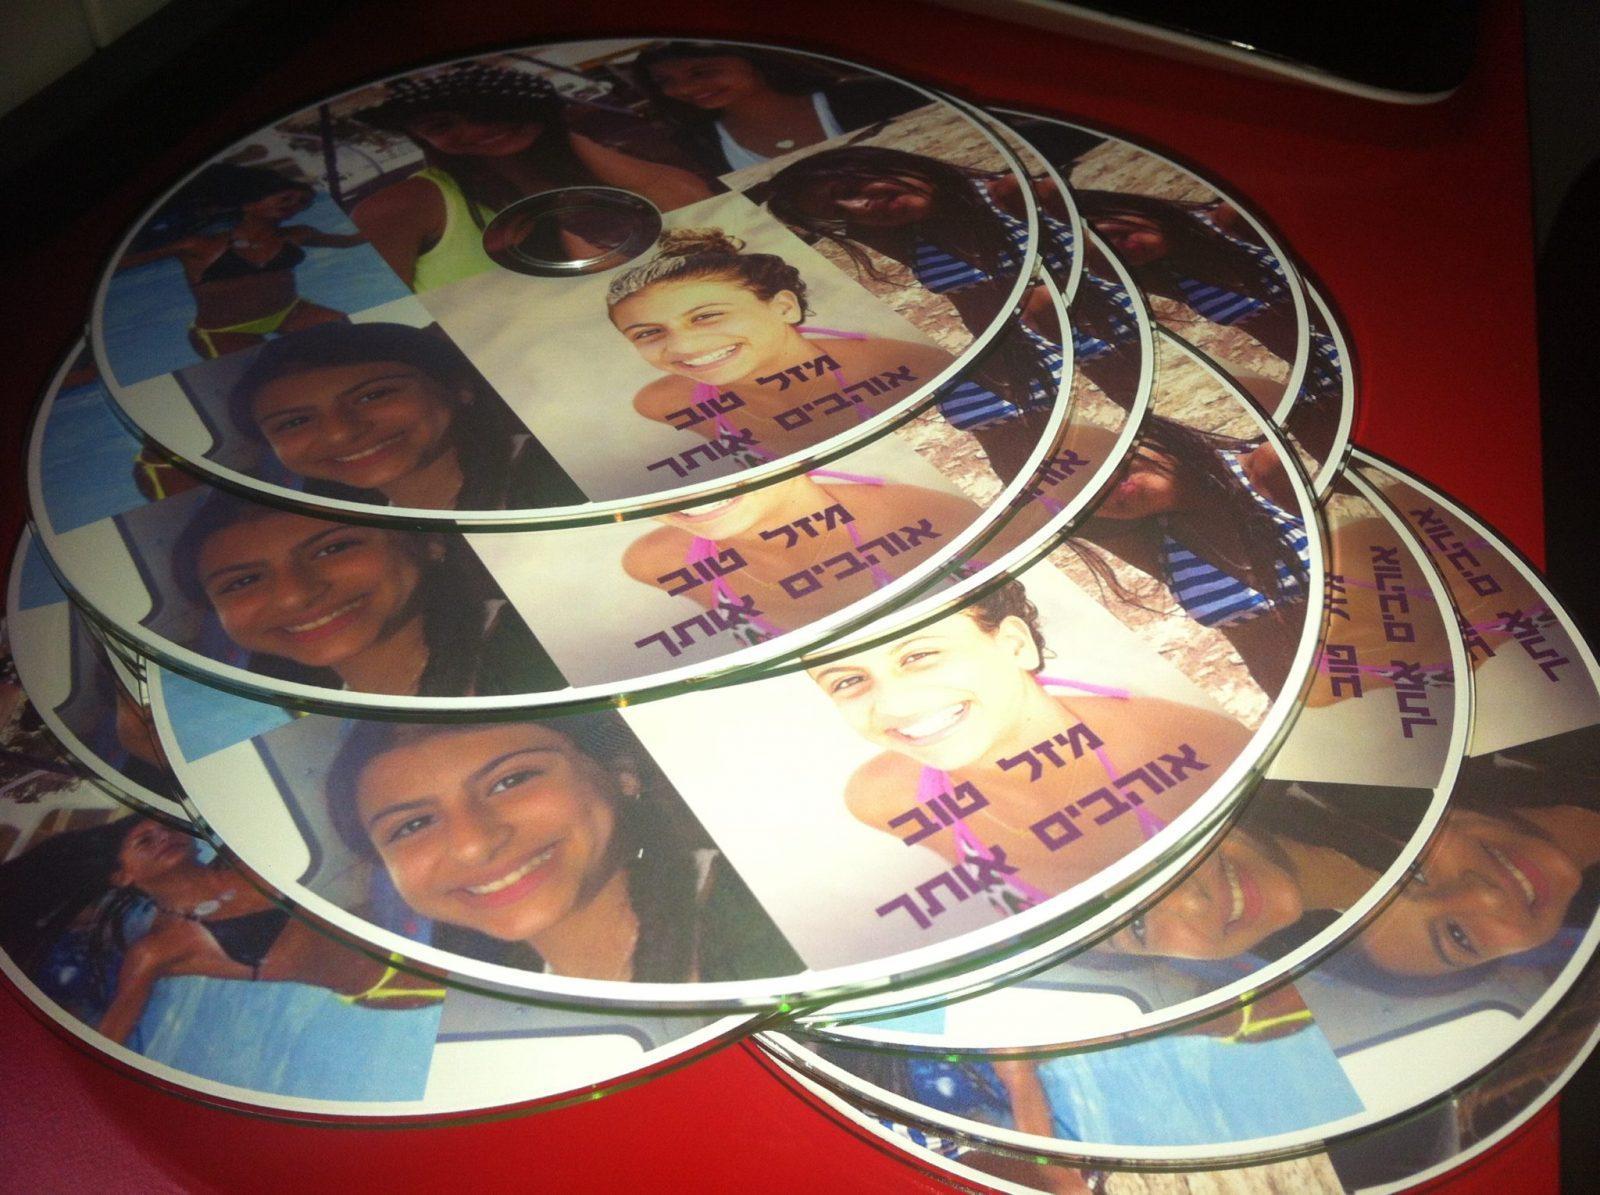 הדפסת תמונות על דיסק + מתנה לאורחים